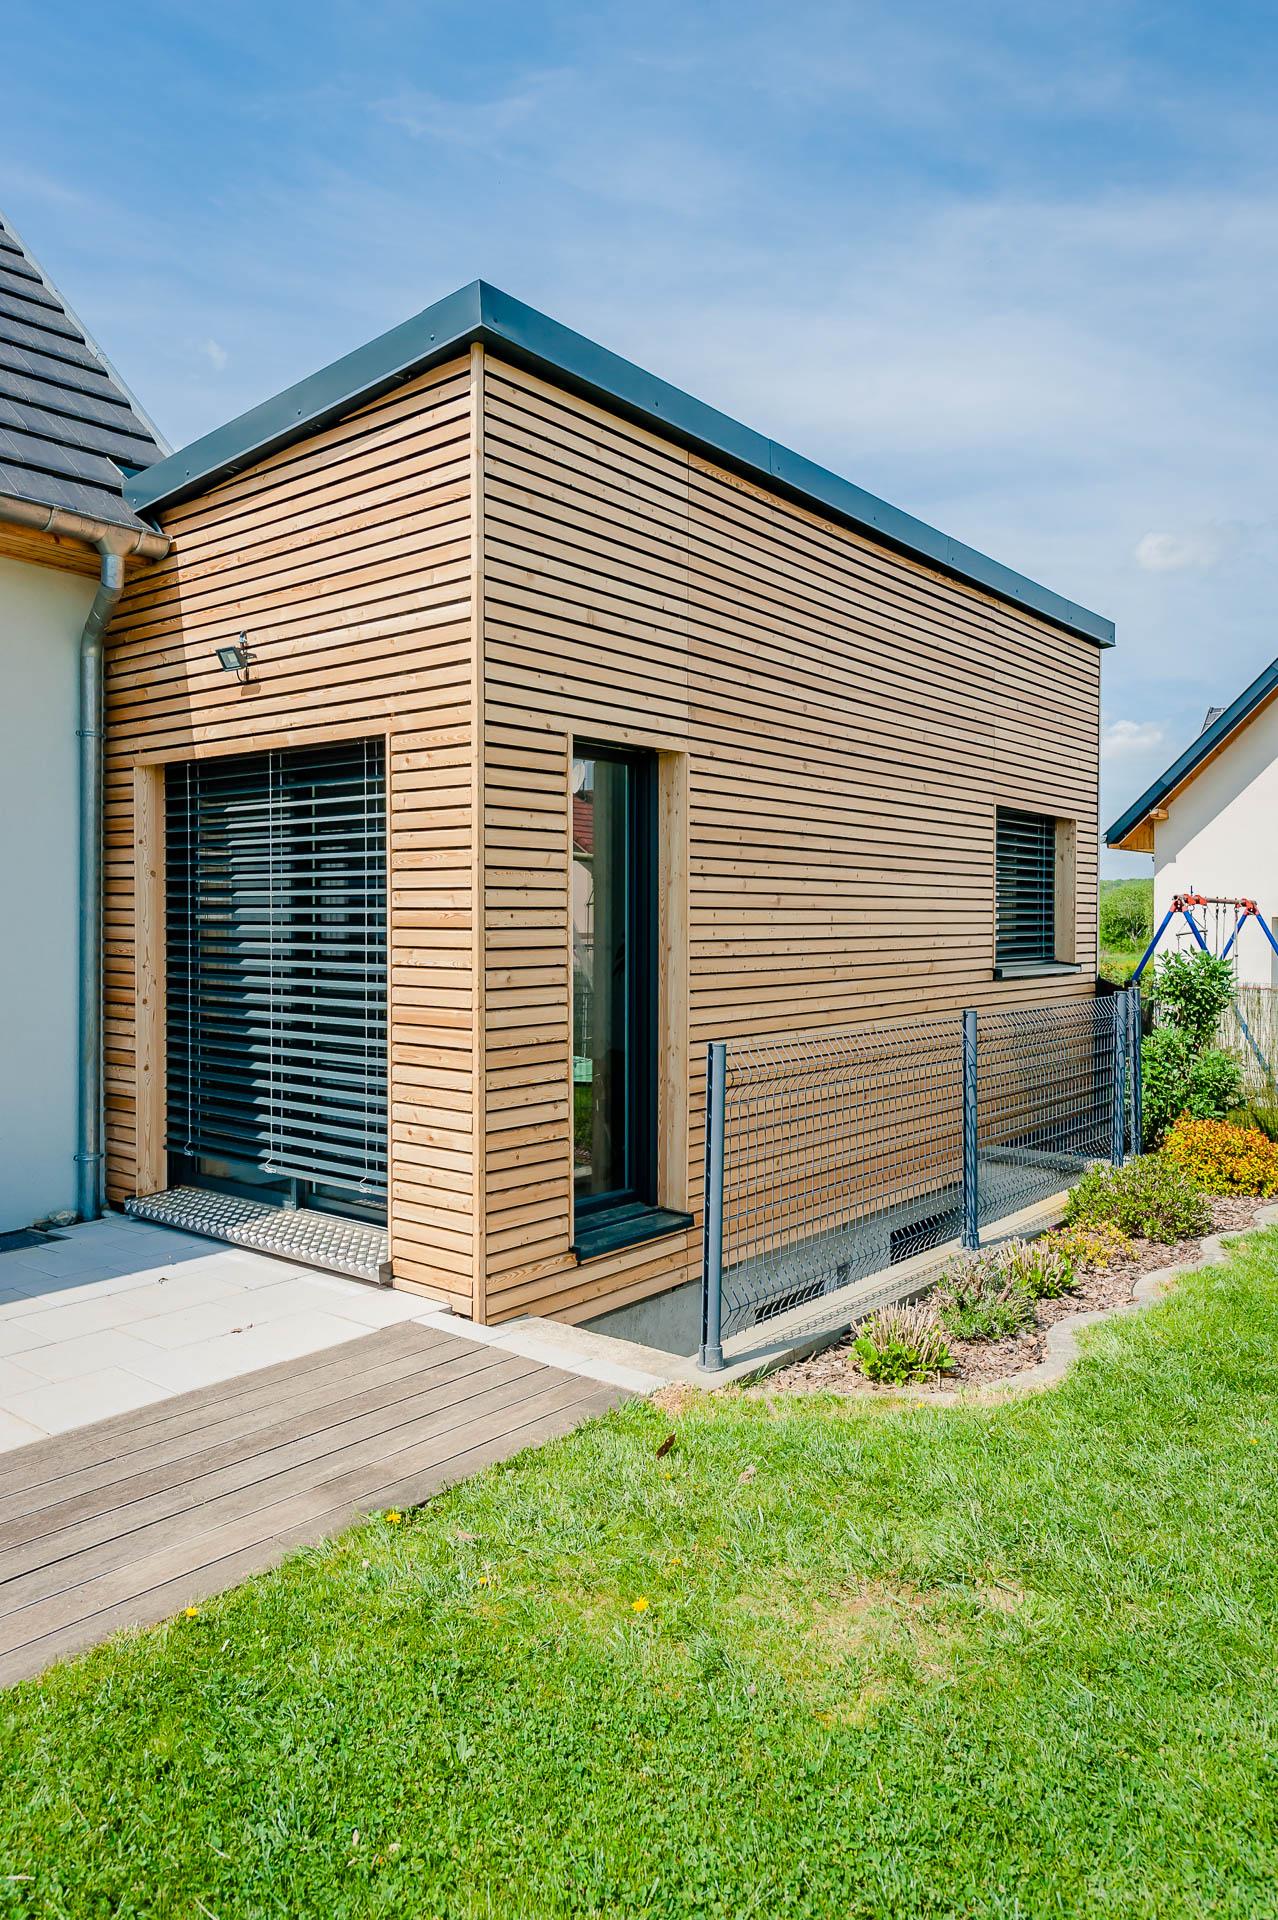 Extension maison ossature bois alsace ventana blog for Constructeur maison bois alsace